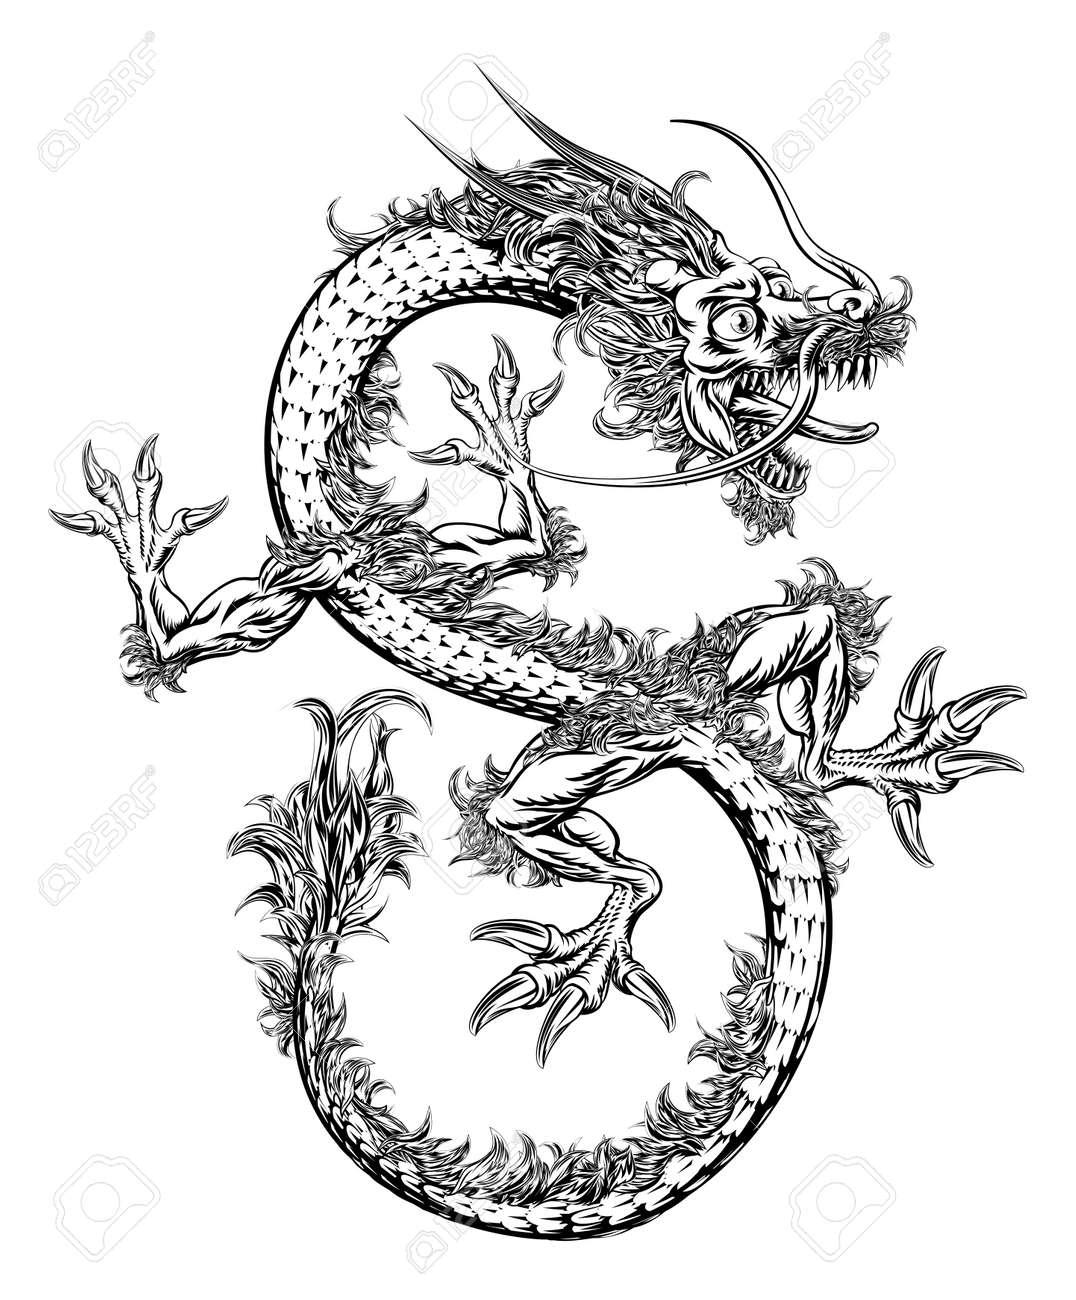 Una Ilustración Blanco Y Negro De Un Dragón Oriental Del Estilo